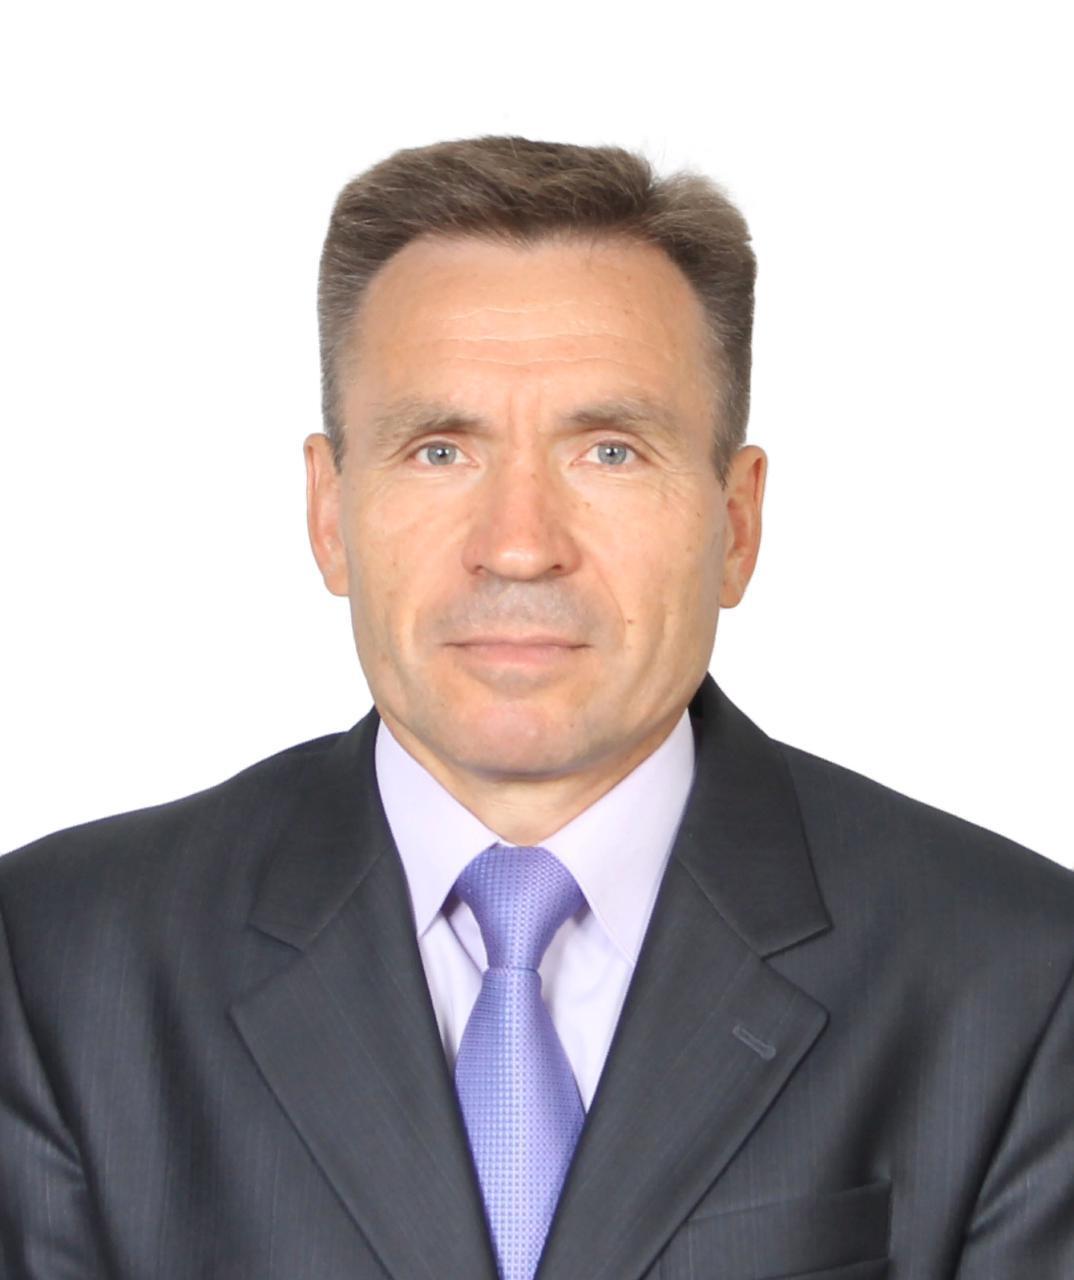 Председателем Верховного суда Дагестана вполне может стать Сергей Суворов